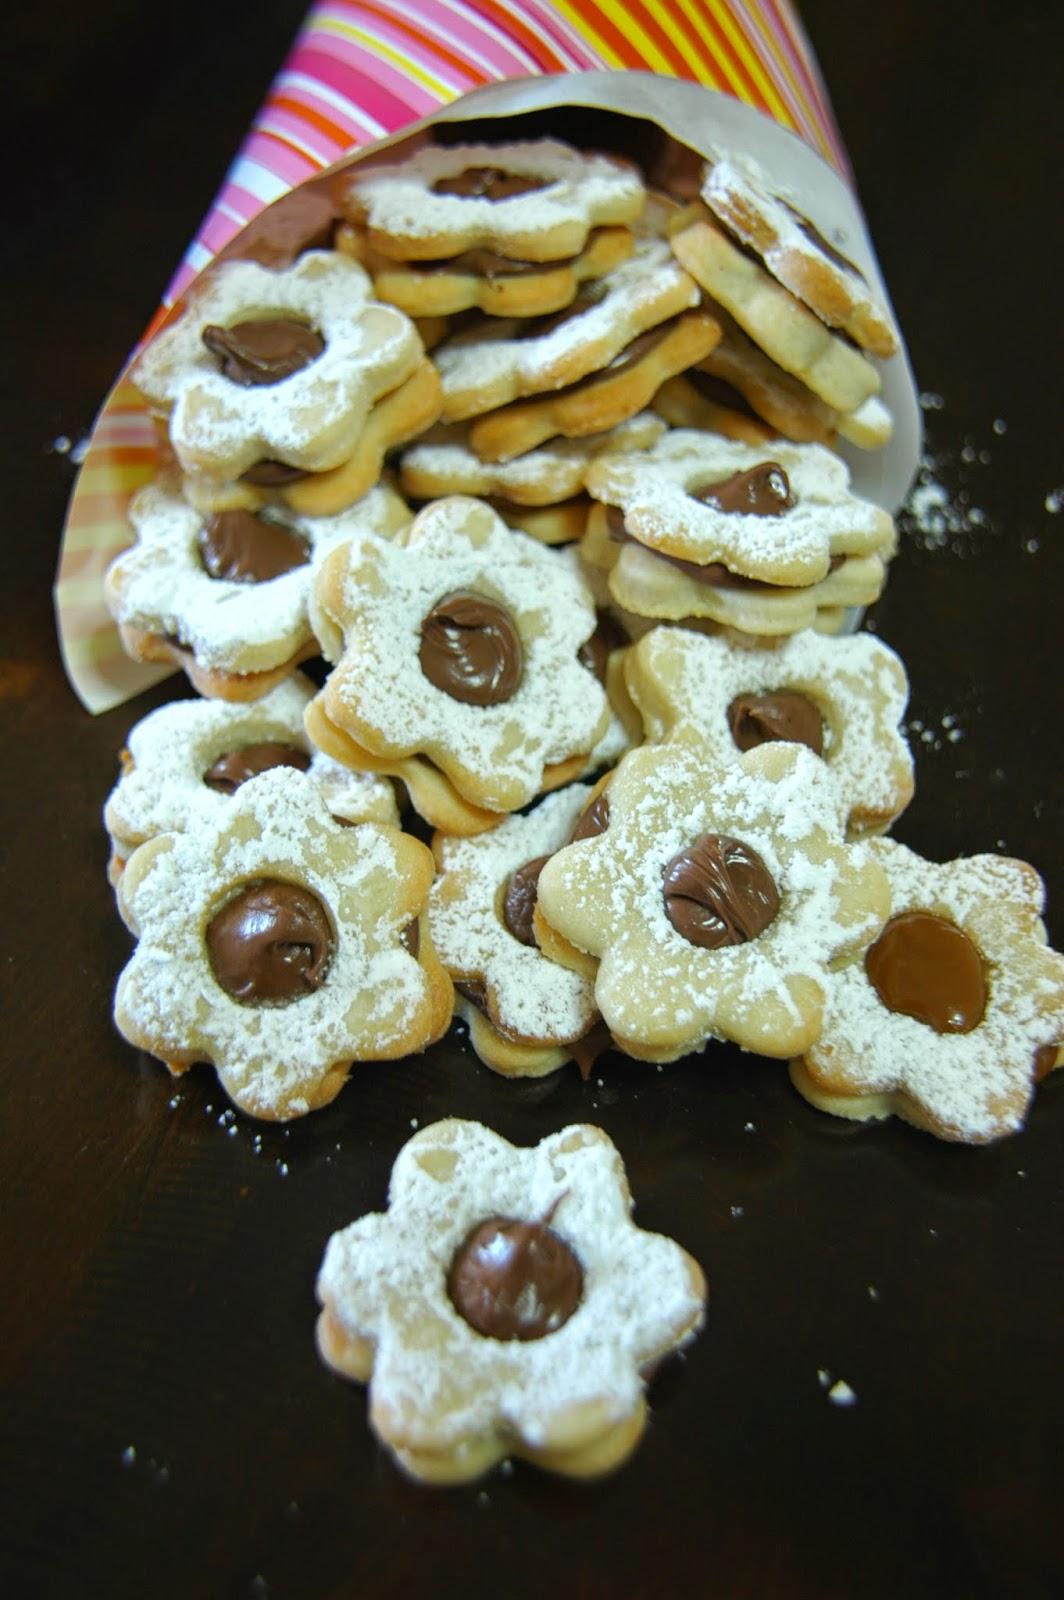 עוגיות פרח במילוי נוטלה